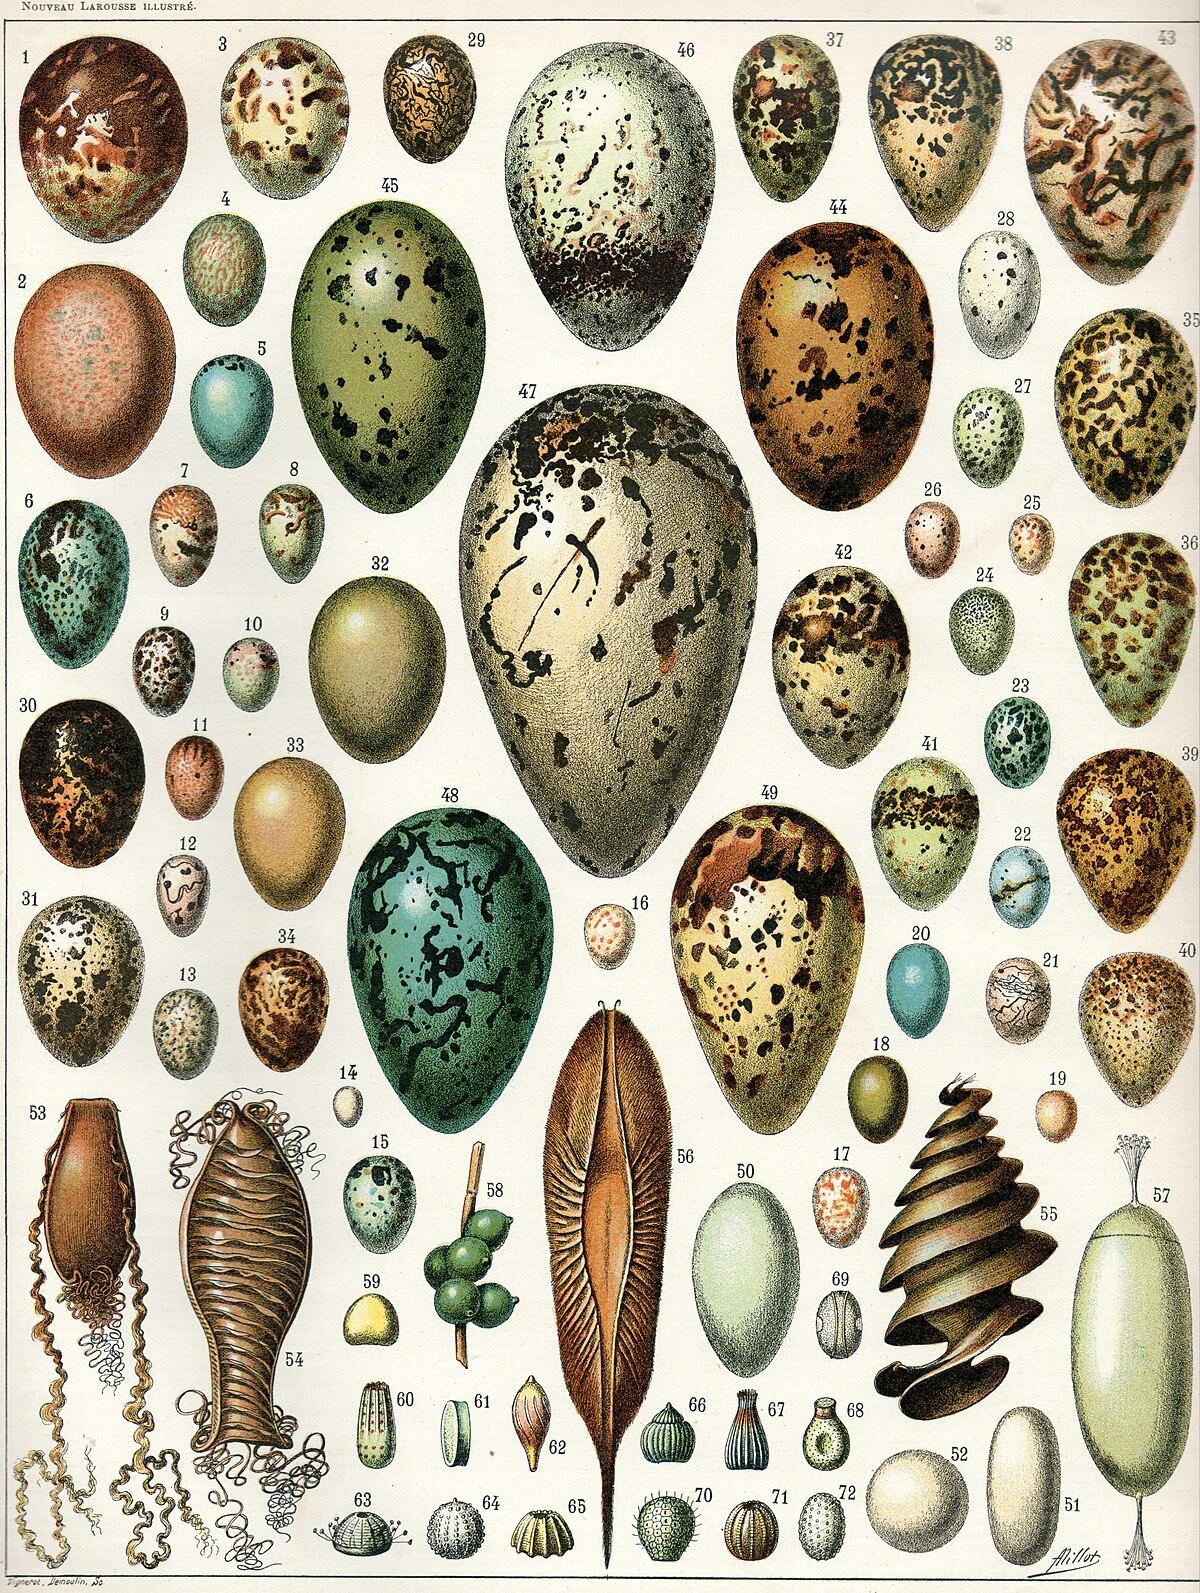 Egg Wikipedia